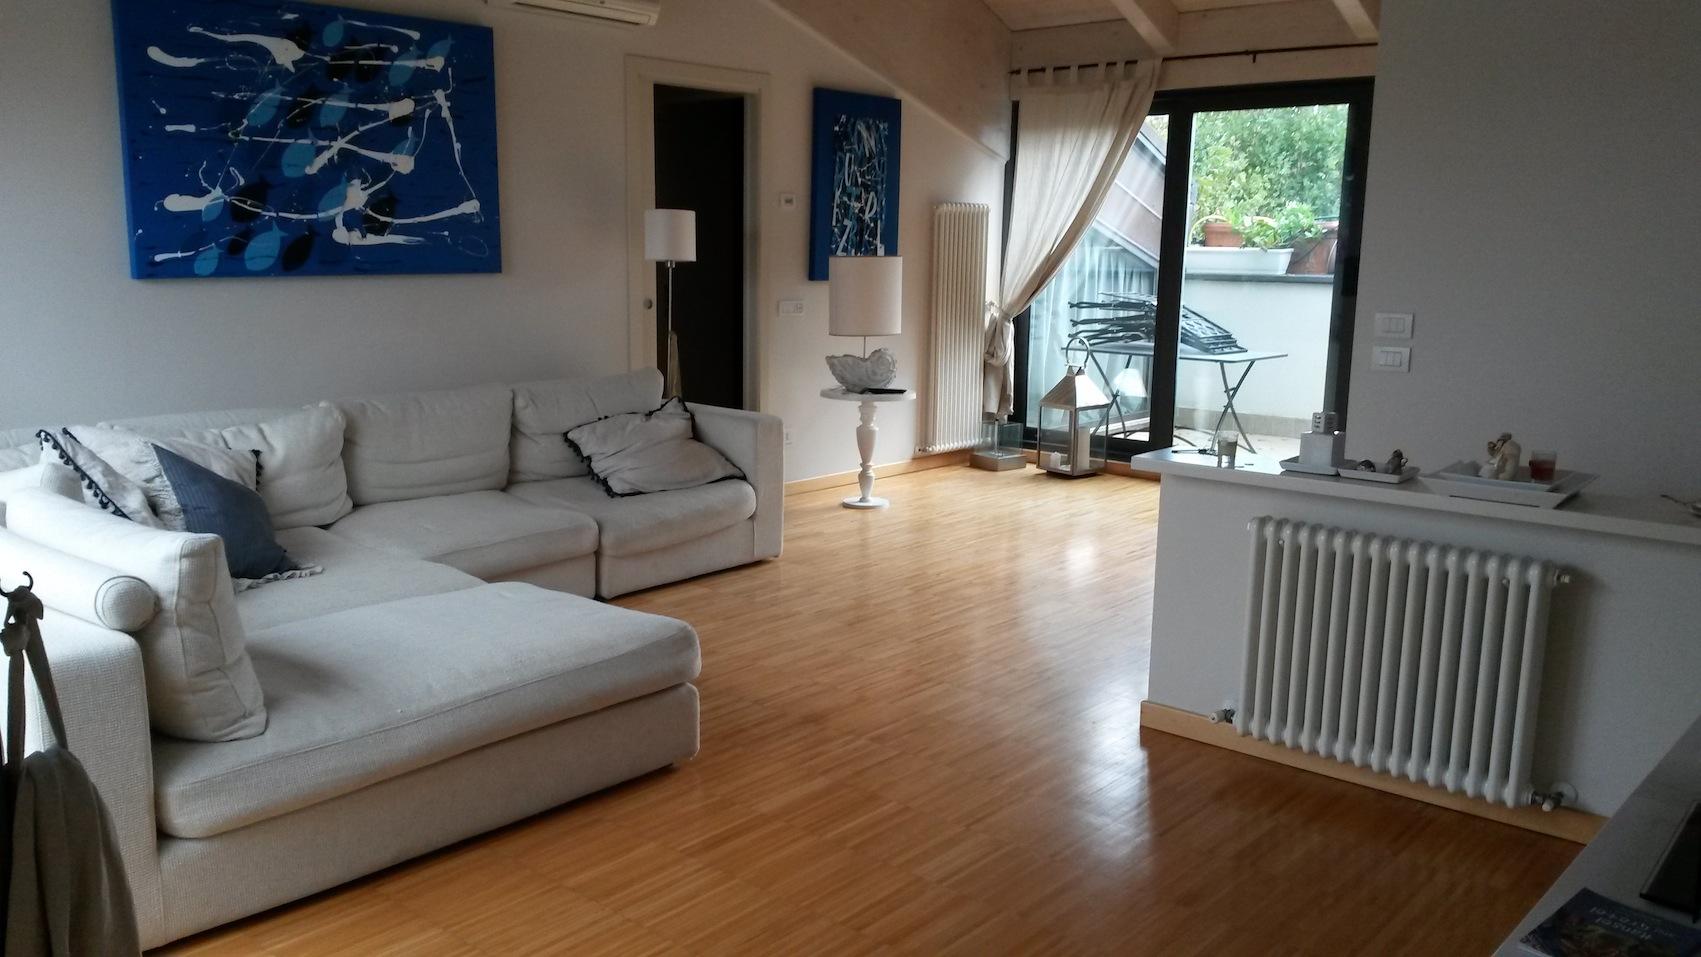 RICCIONE ABISSINIA, attico in vendita con 3 camere